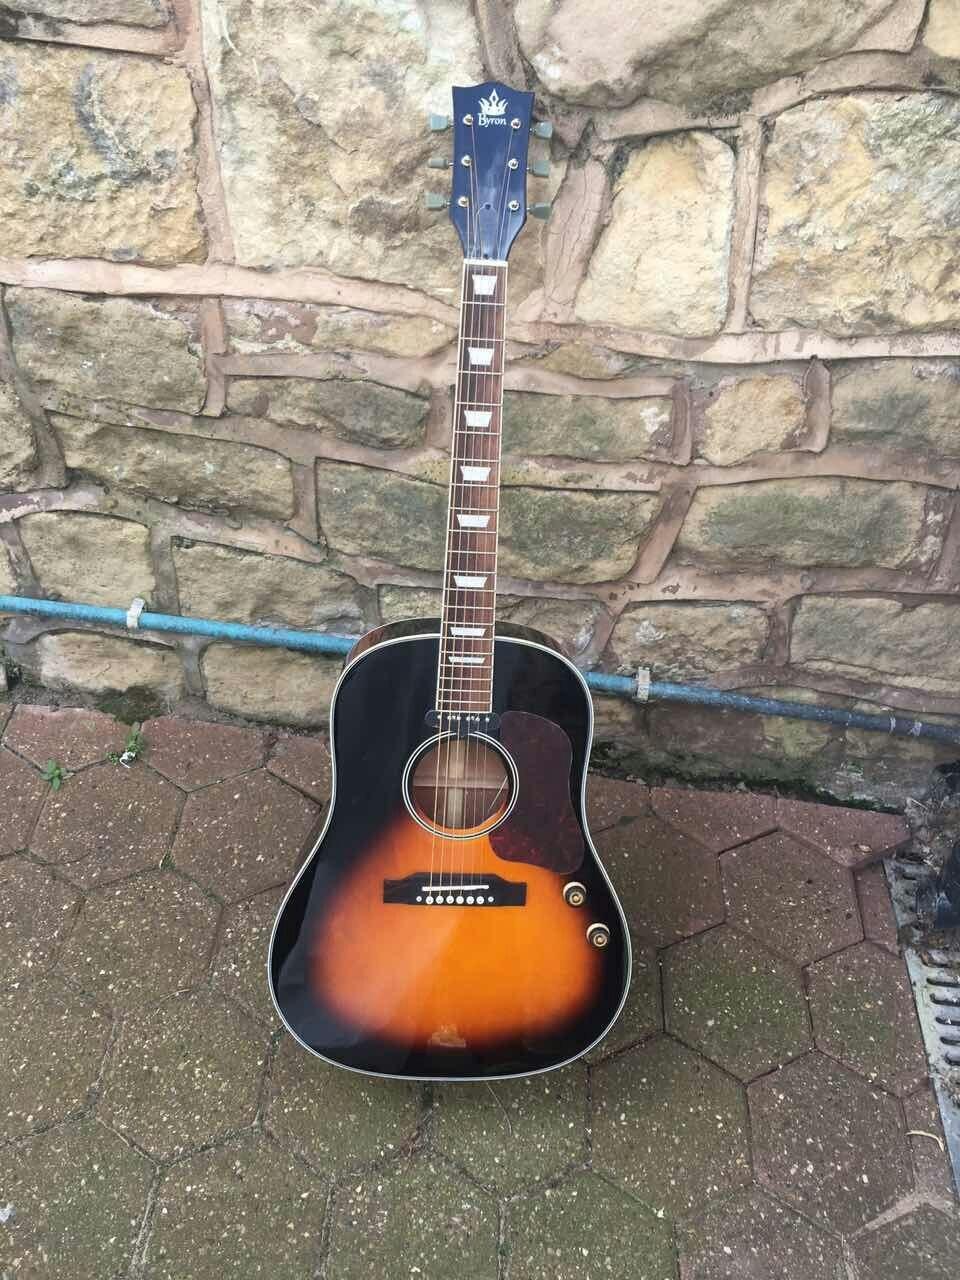 Livraison gratuite J160E style sunburst guitare acoustique 160e acoustique en bois massif guitare électrique